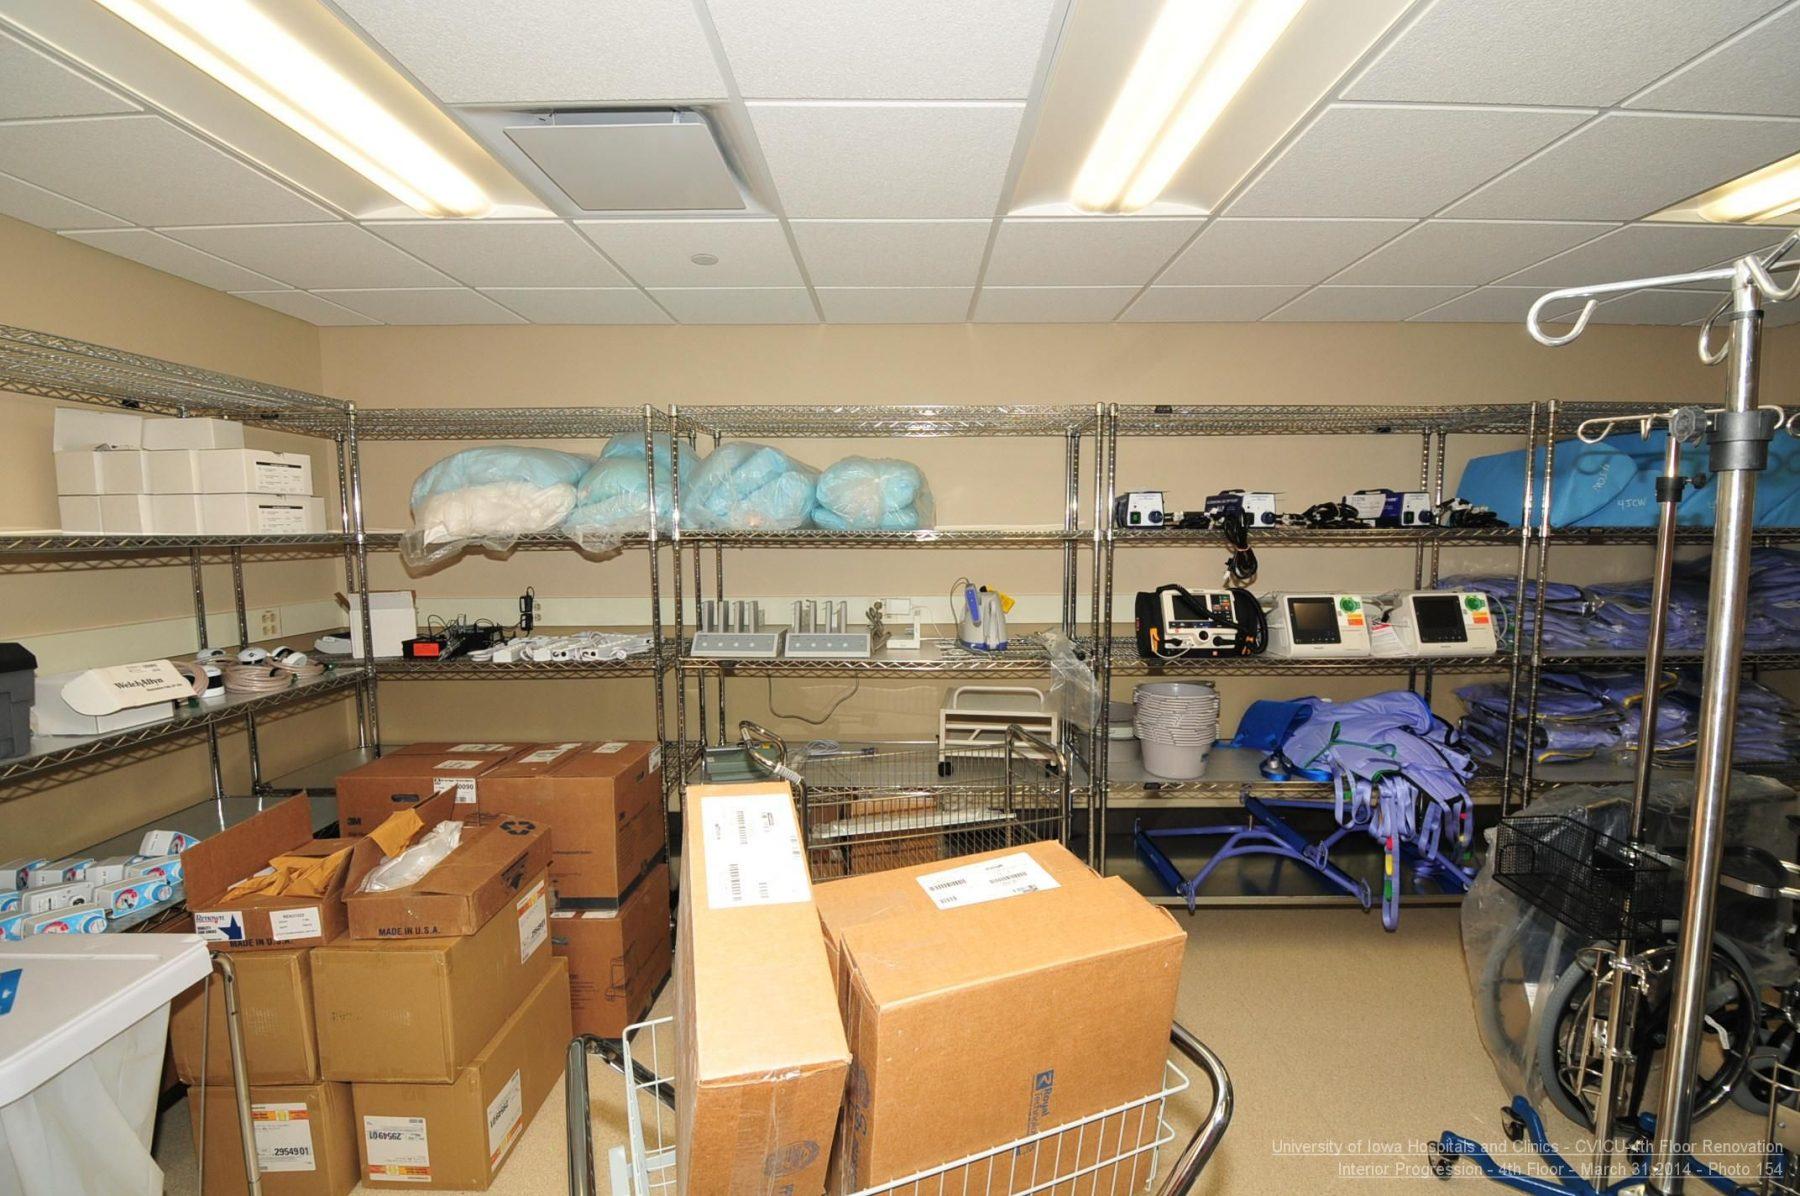 UIHC Cardio Vascular ICU General Storage